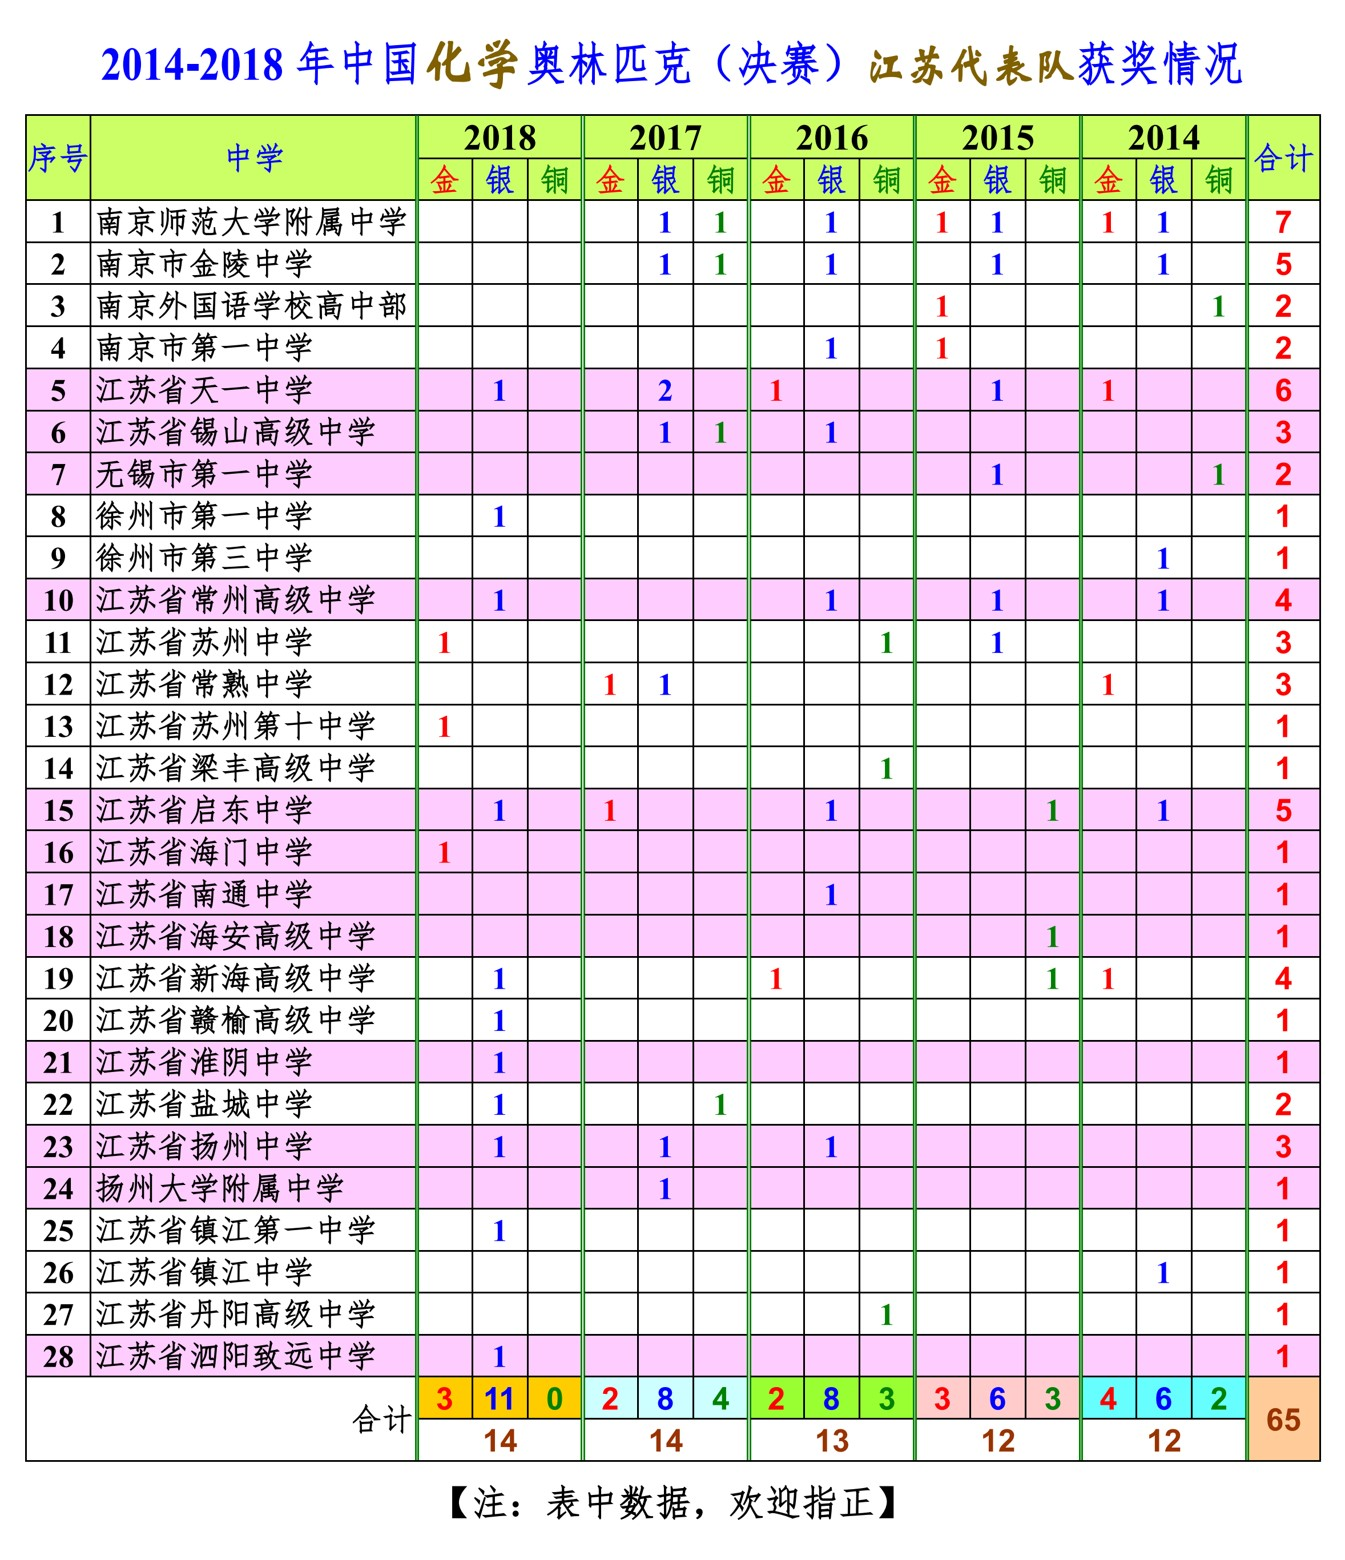 2014-2018年中国化学奥林匹克(决赛)江苏代表队获奖情况.jpg